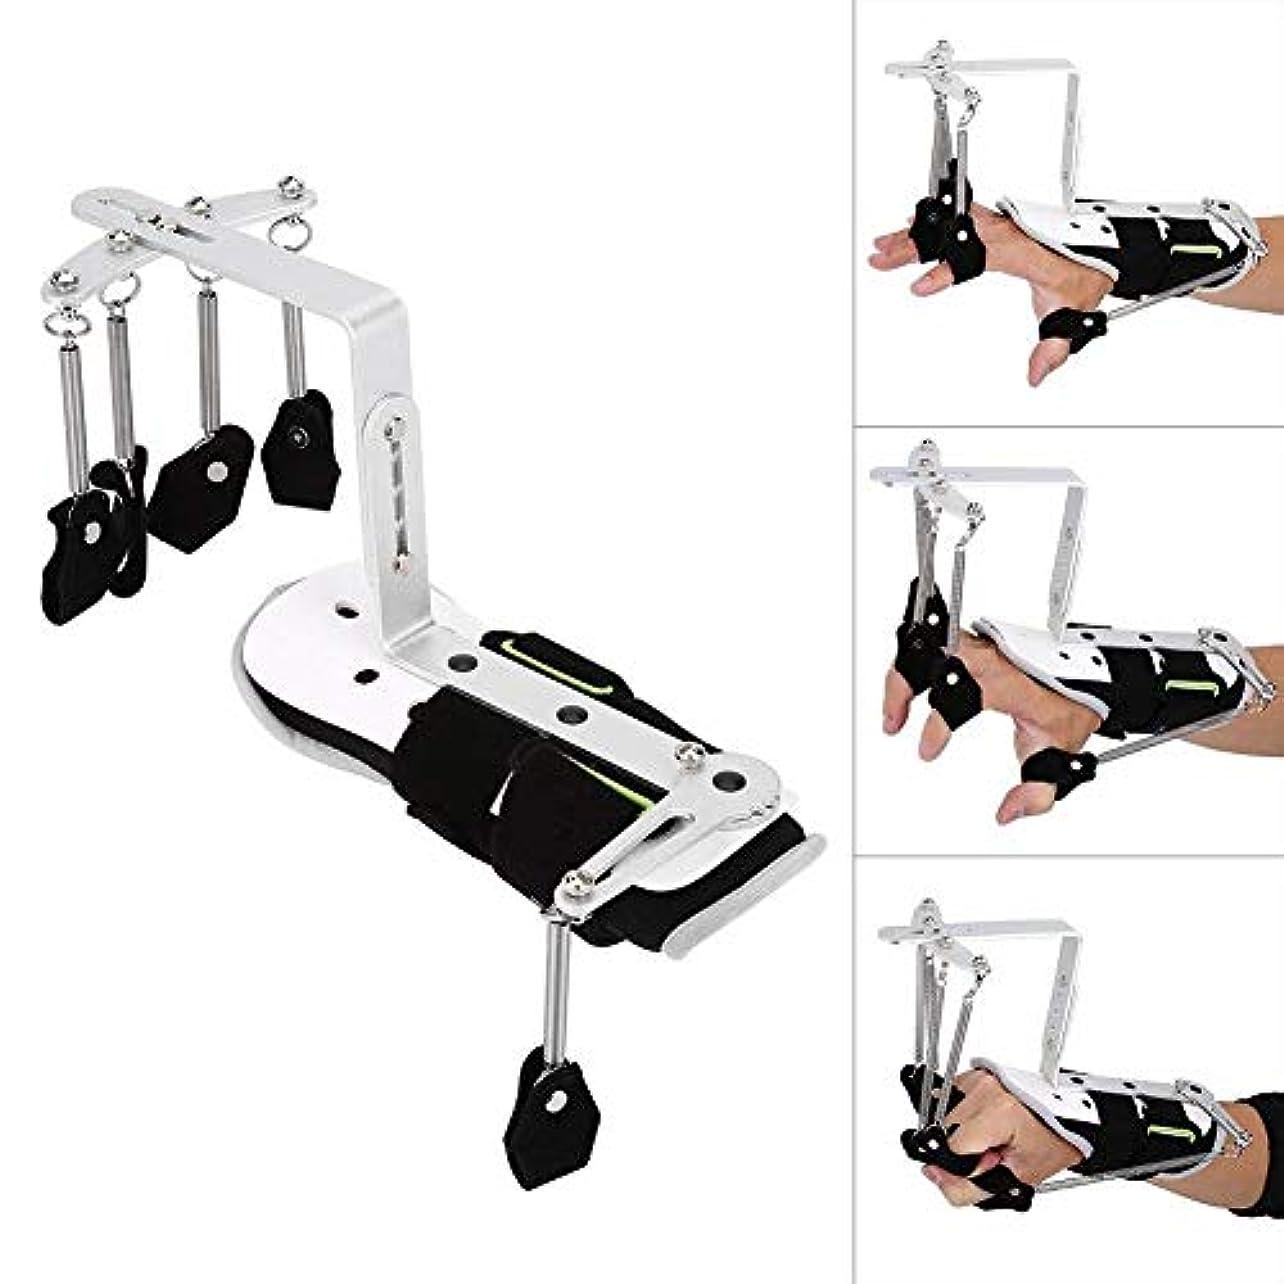 痴漢ポゴスティックジャンプロック解除指リハビリトレーニング器具ポイント指板脳卒中脳卒中片麻痺指手の運動